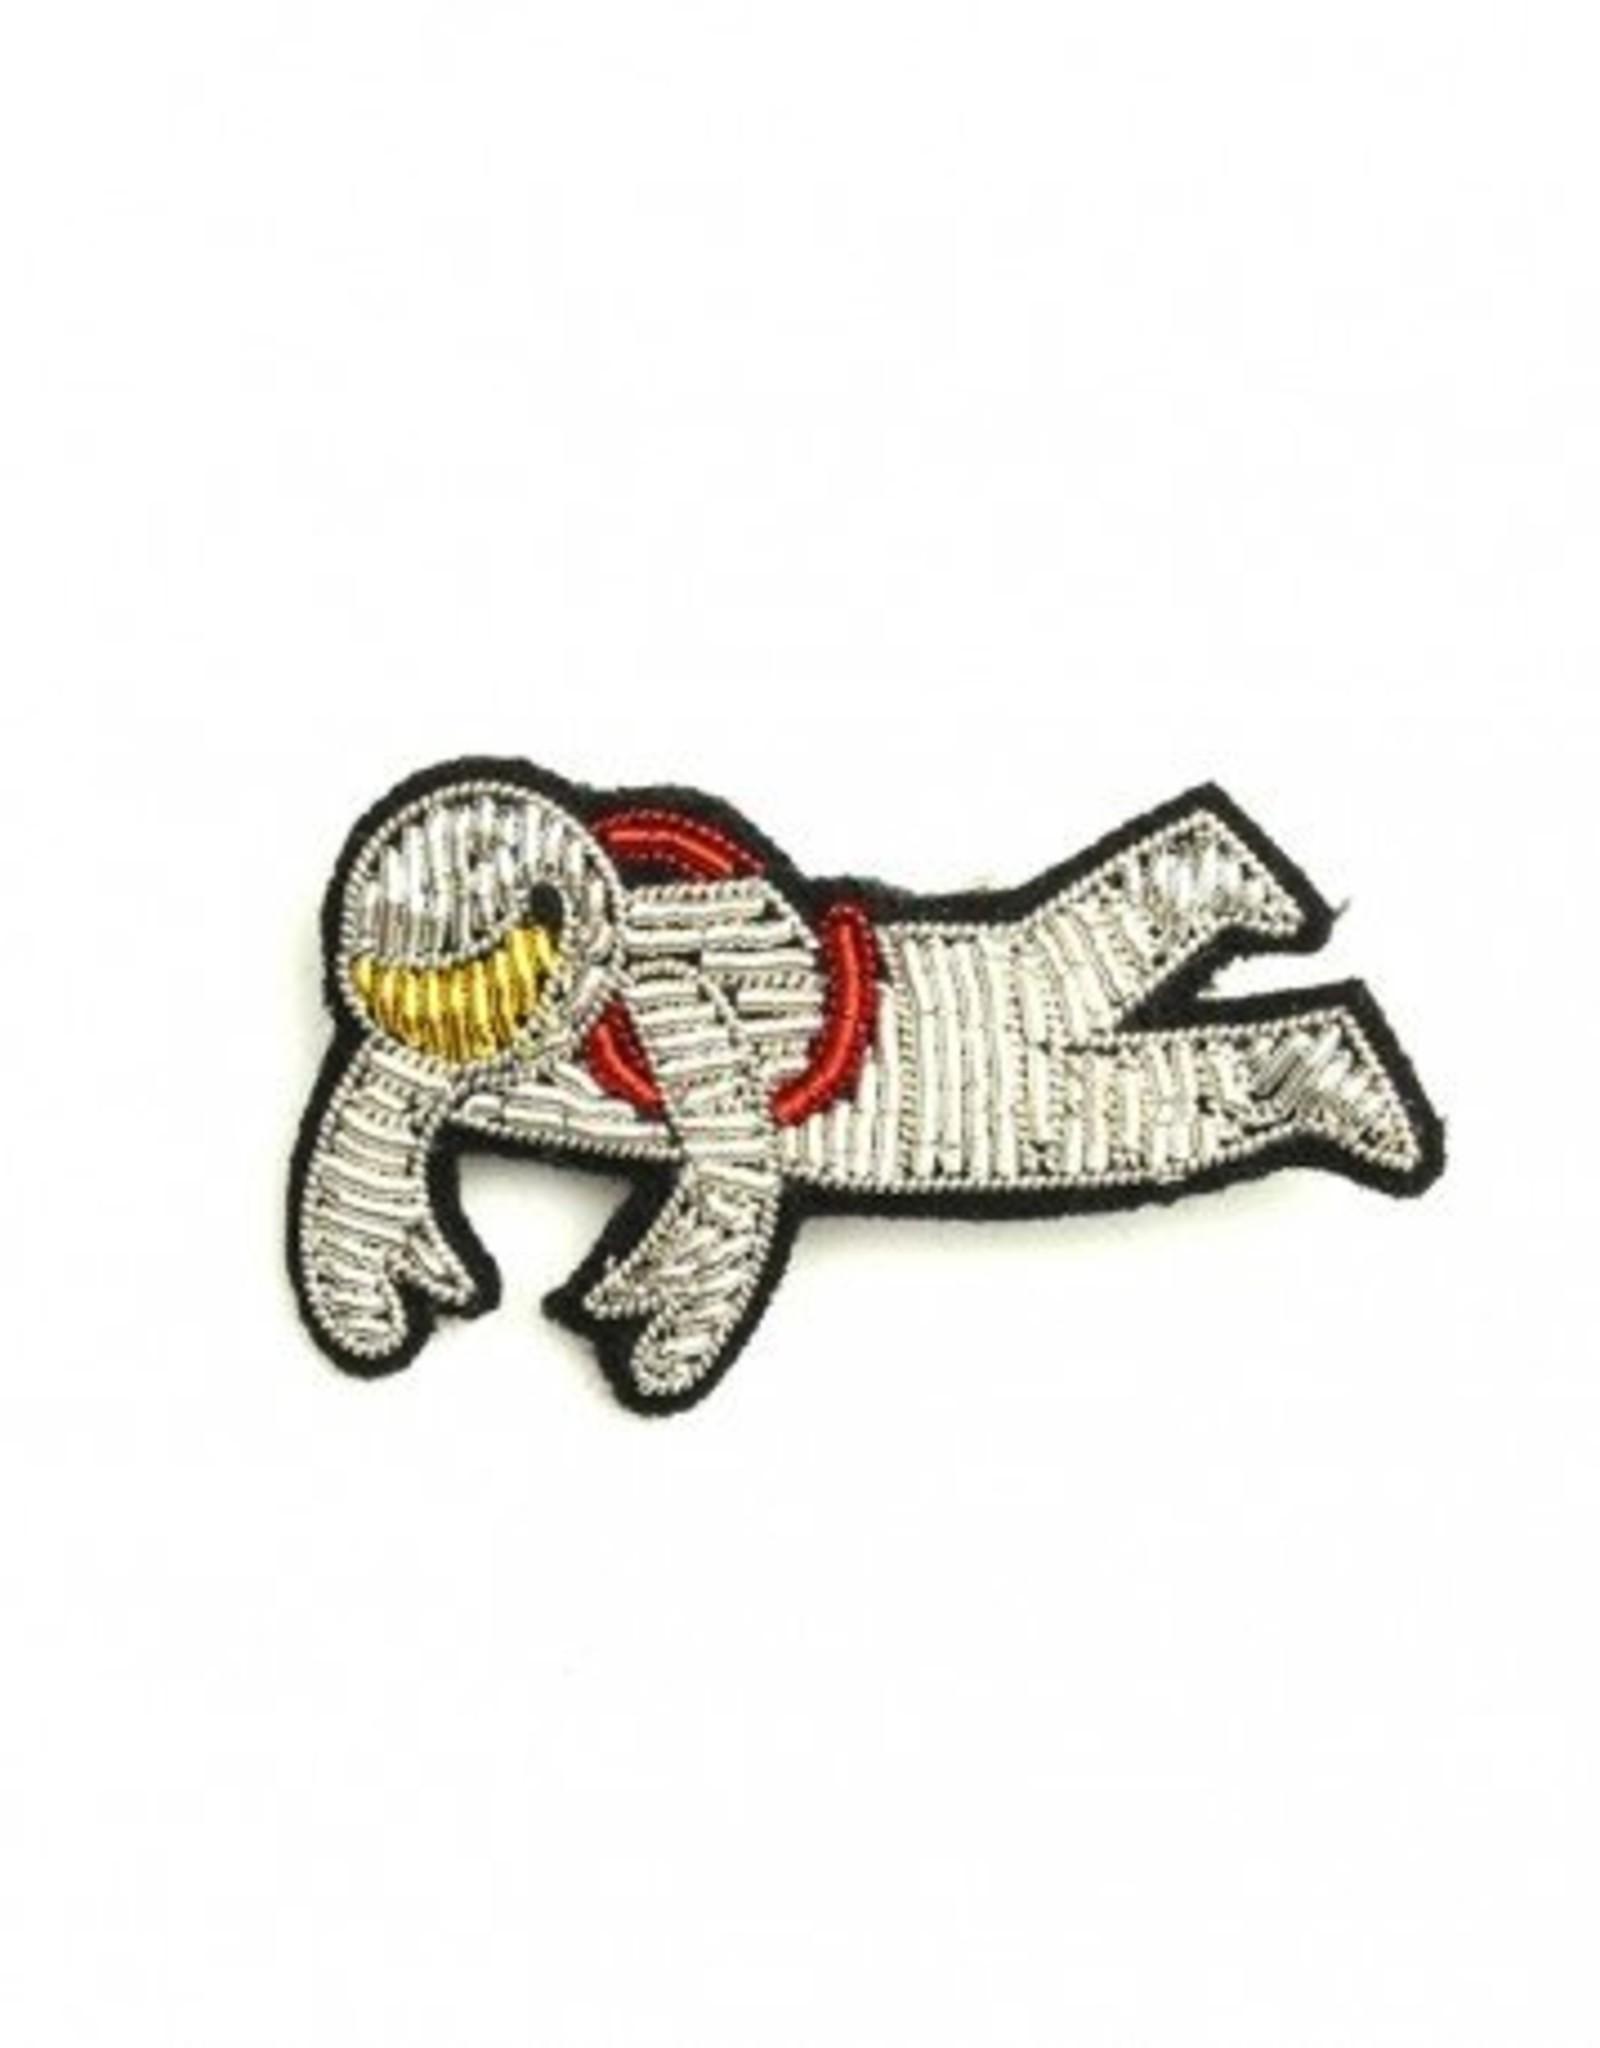 Macon & Lesquoy 'Cosmonaut' Pin